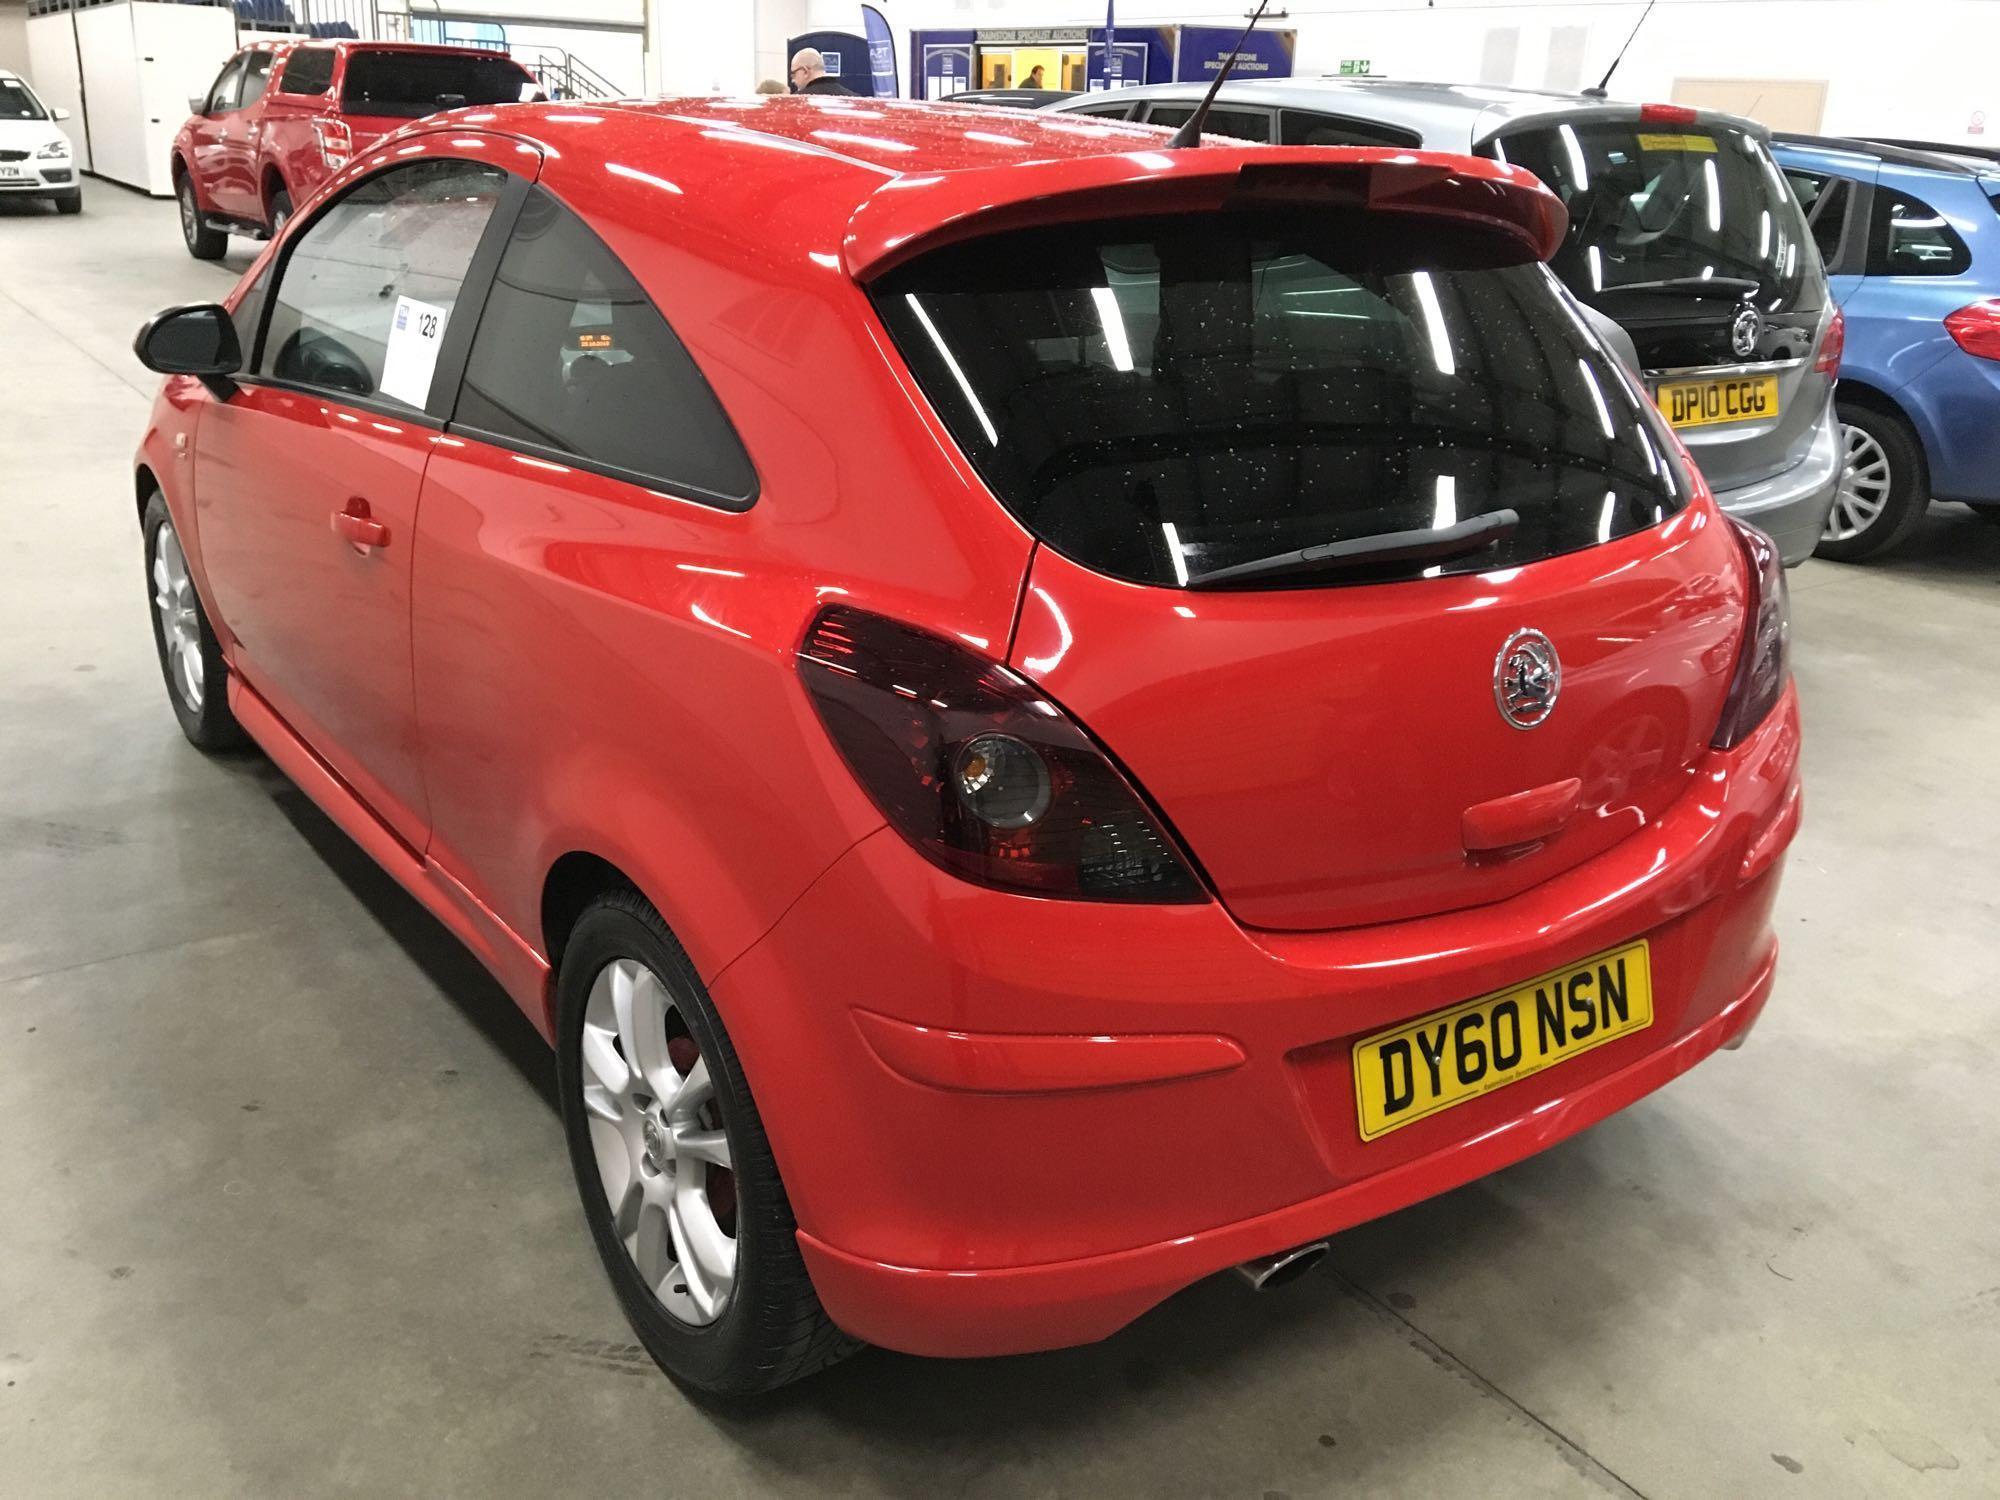 Lot 128 - Vauxhall Corsa Sxi - 1229cc 3 Door